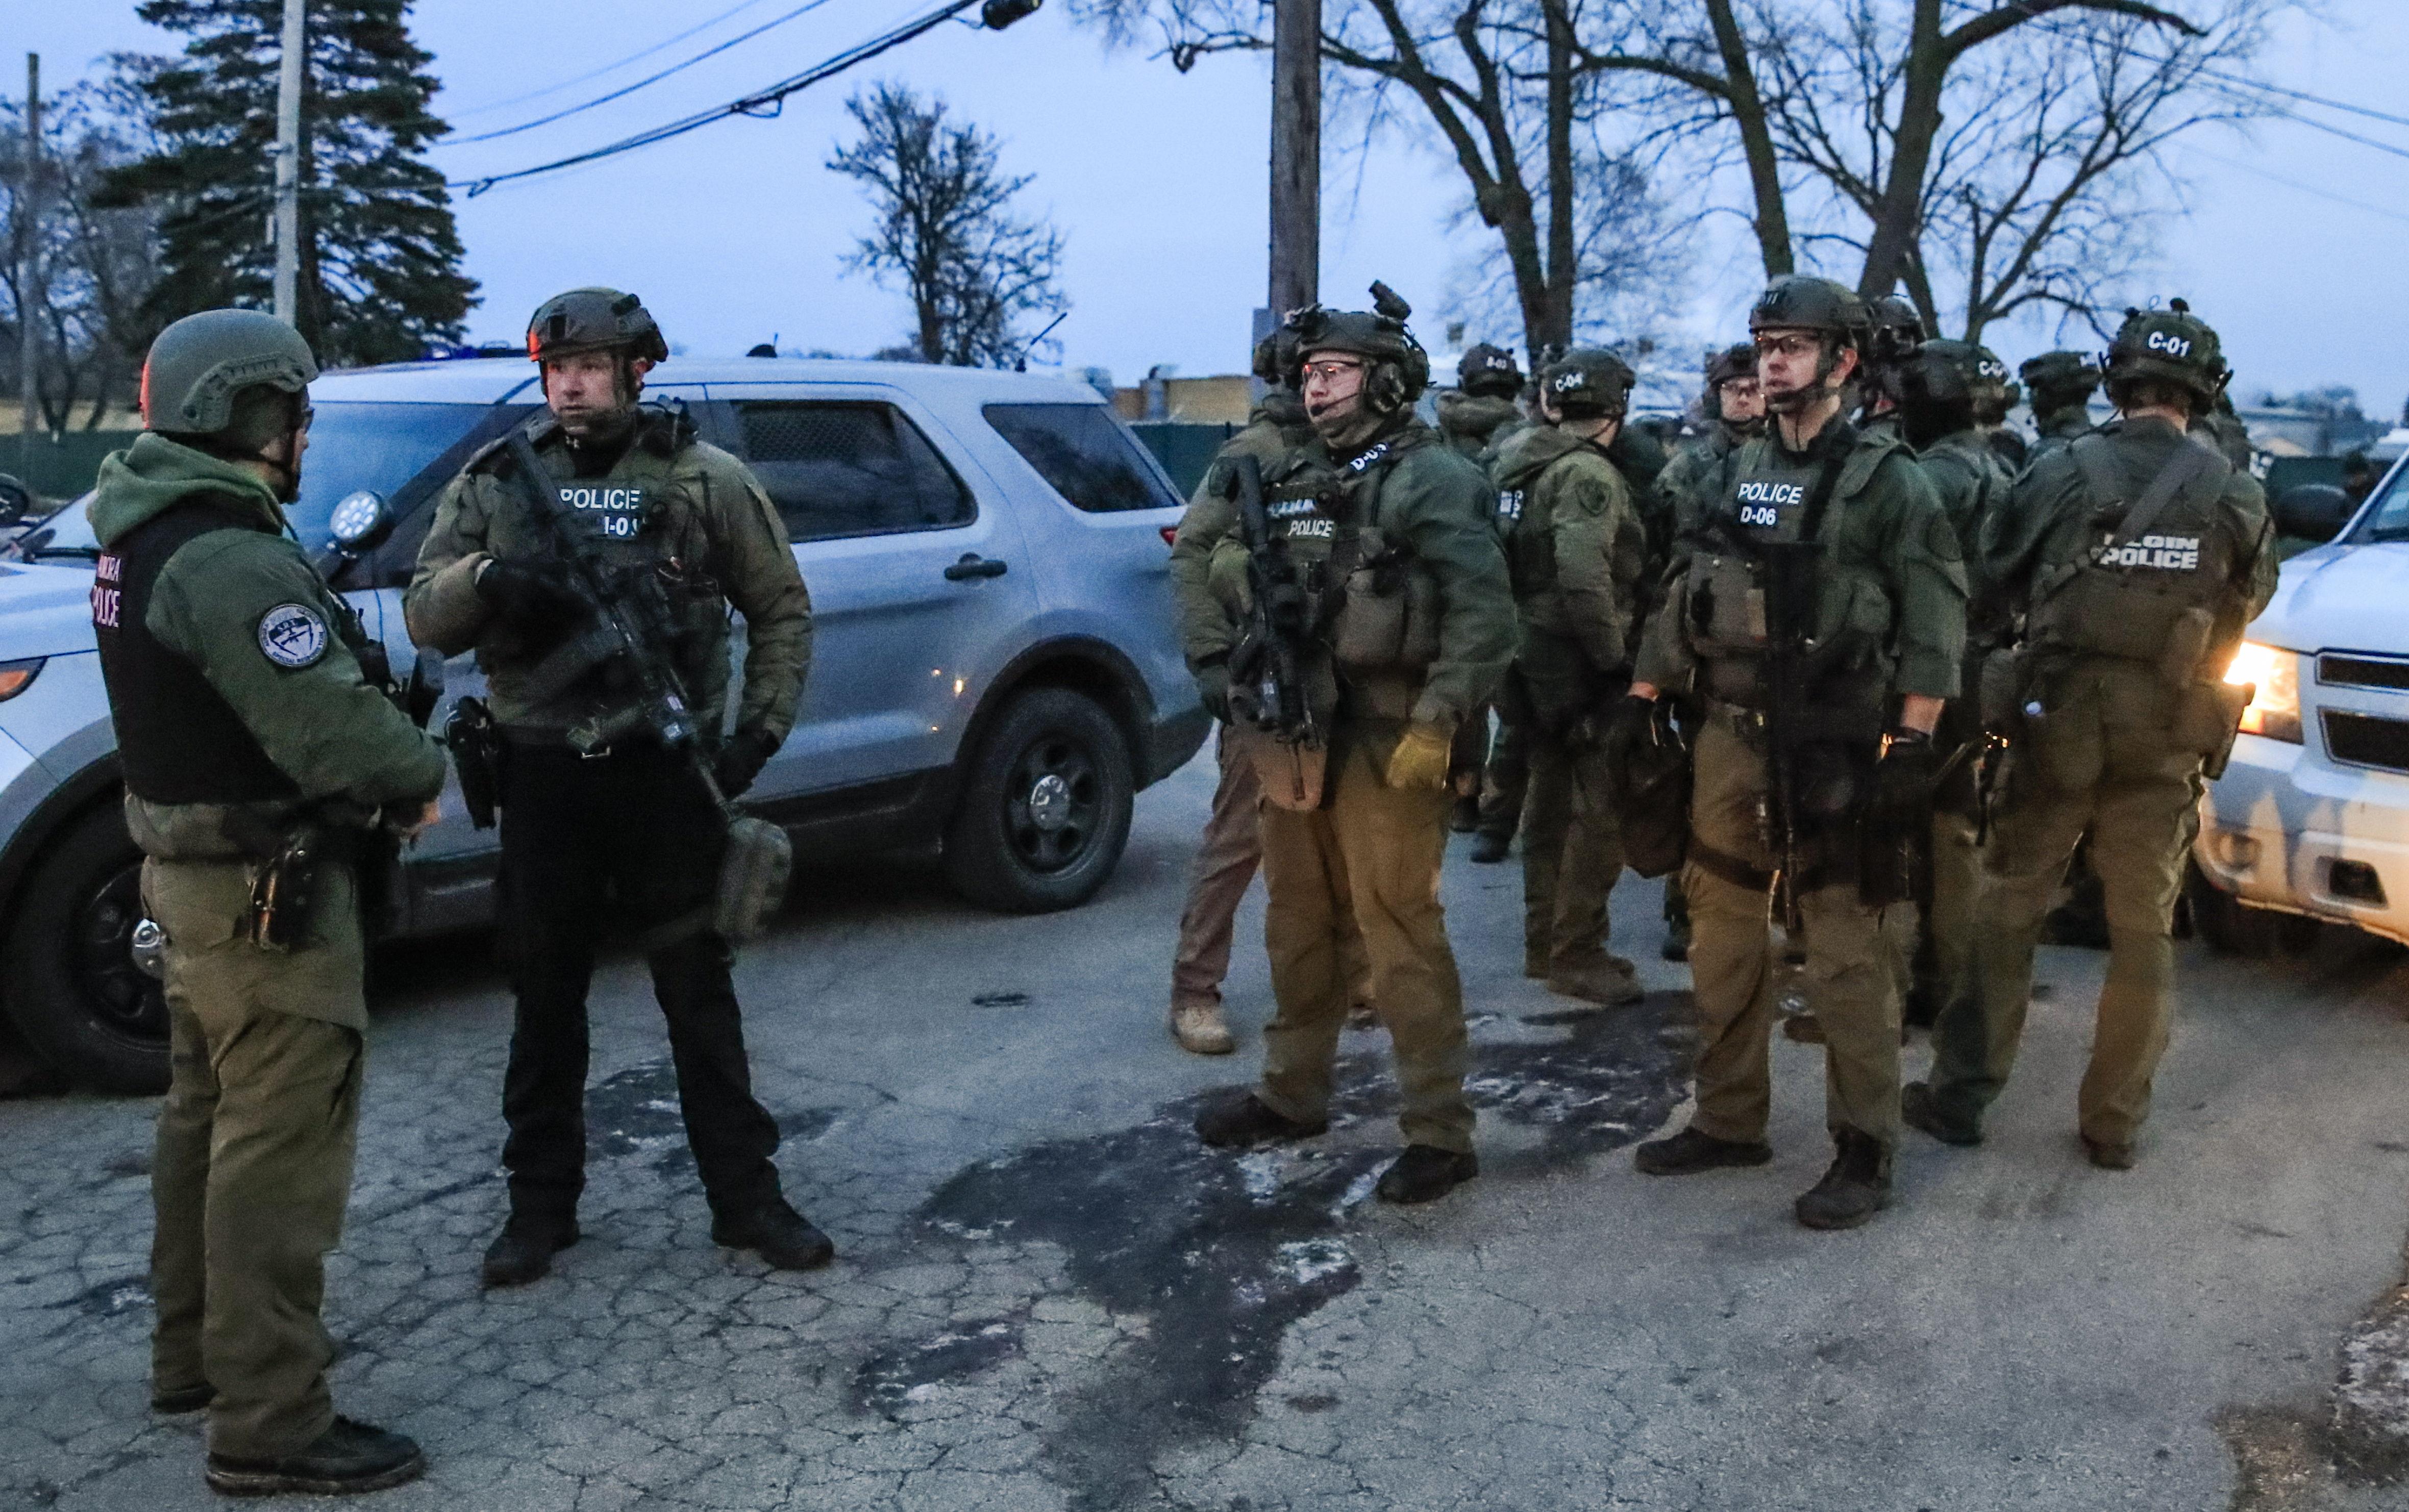 Fuerzas de élite resguardan la escena de la balacera, en Aurora, Illinois. (Foto Prensa Libre: EFE)